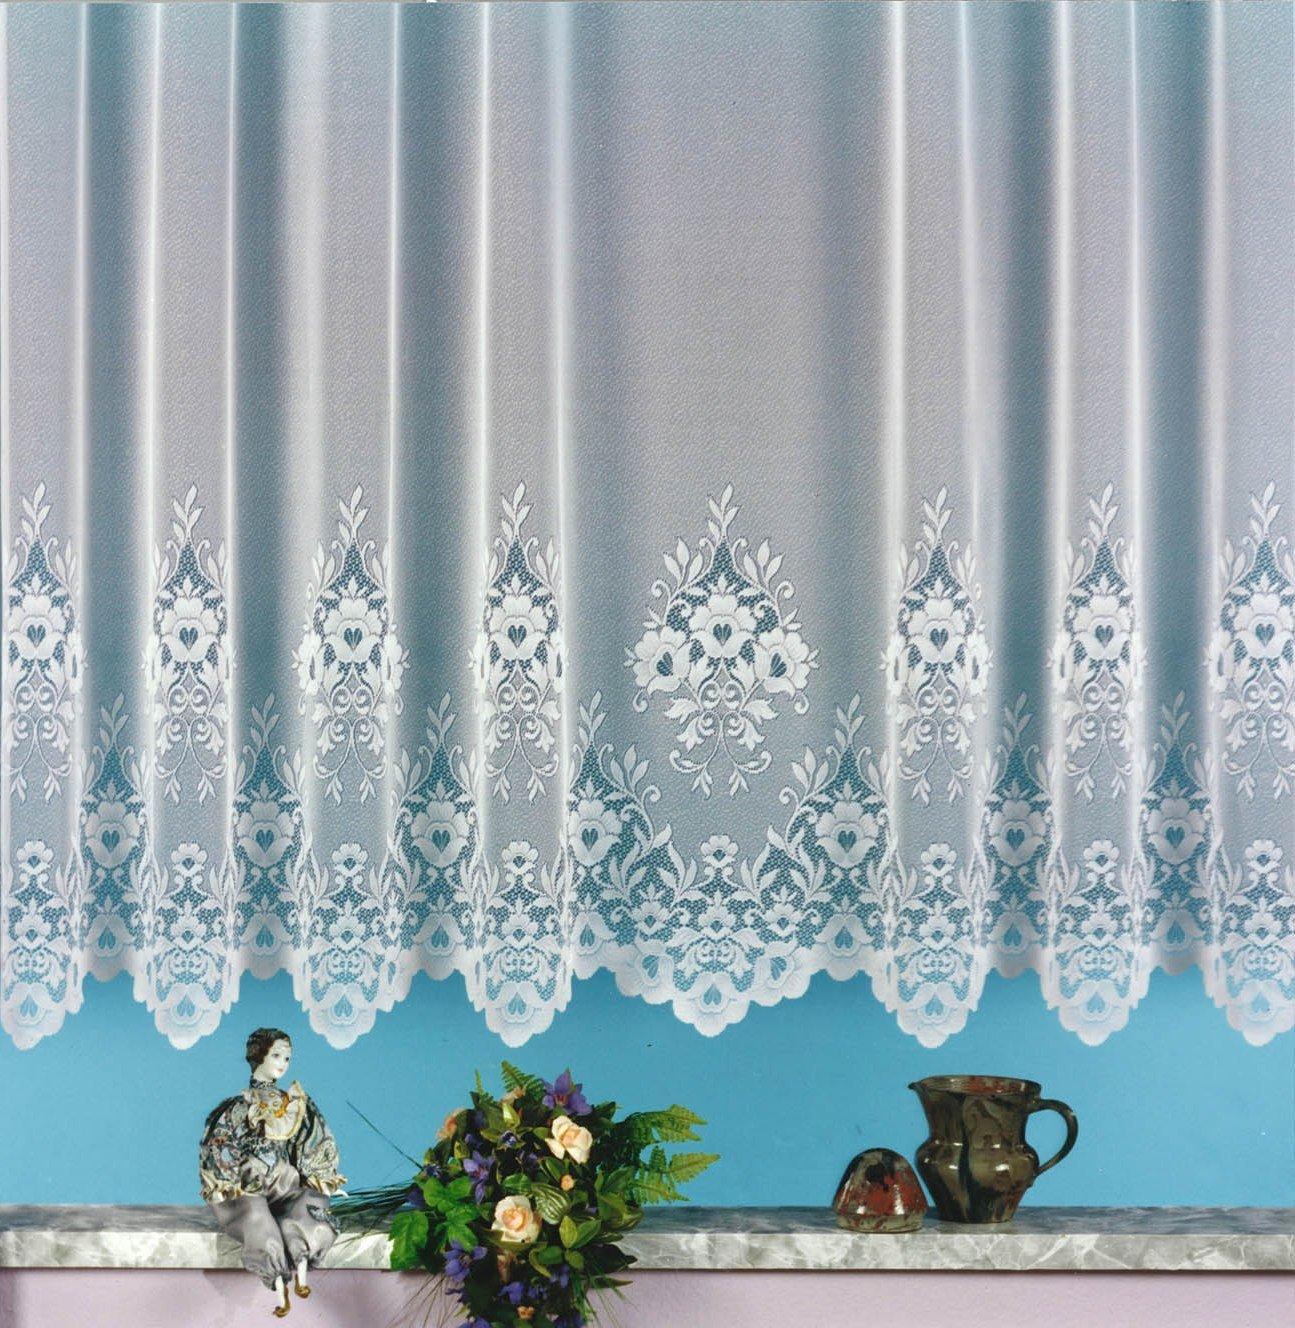 vorhnge 300 cm lang gardine jacquard wei x cm kruselband. Black Bedroom Furniture Sets. Home Design Ideas